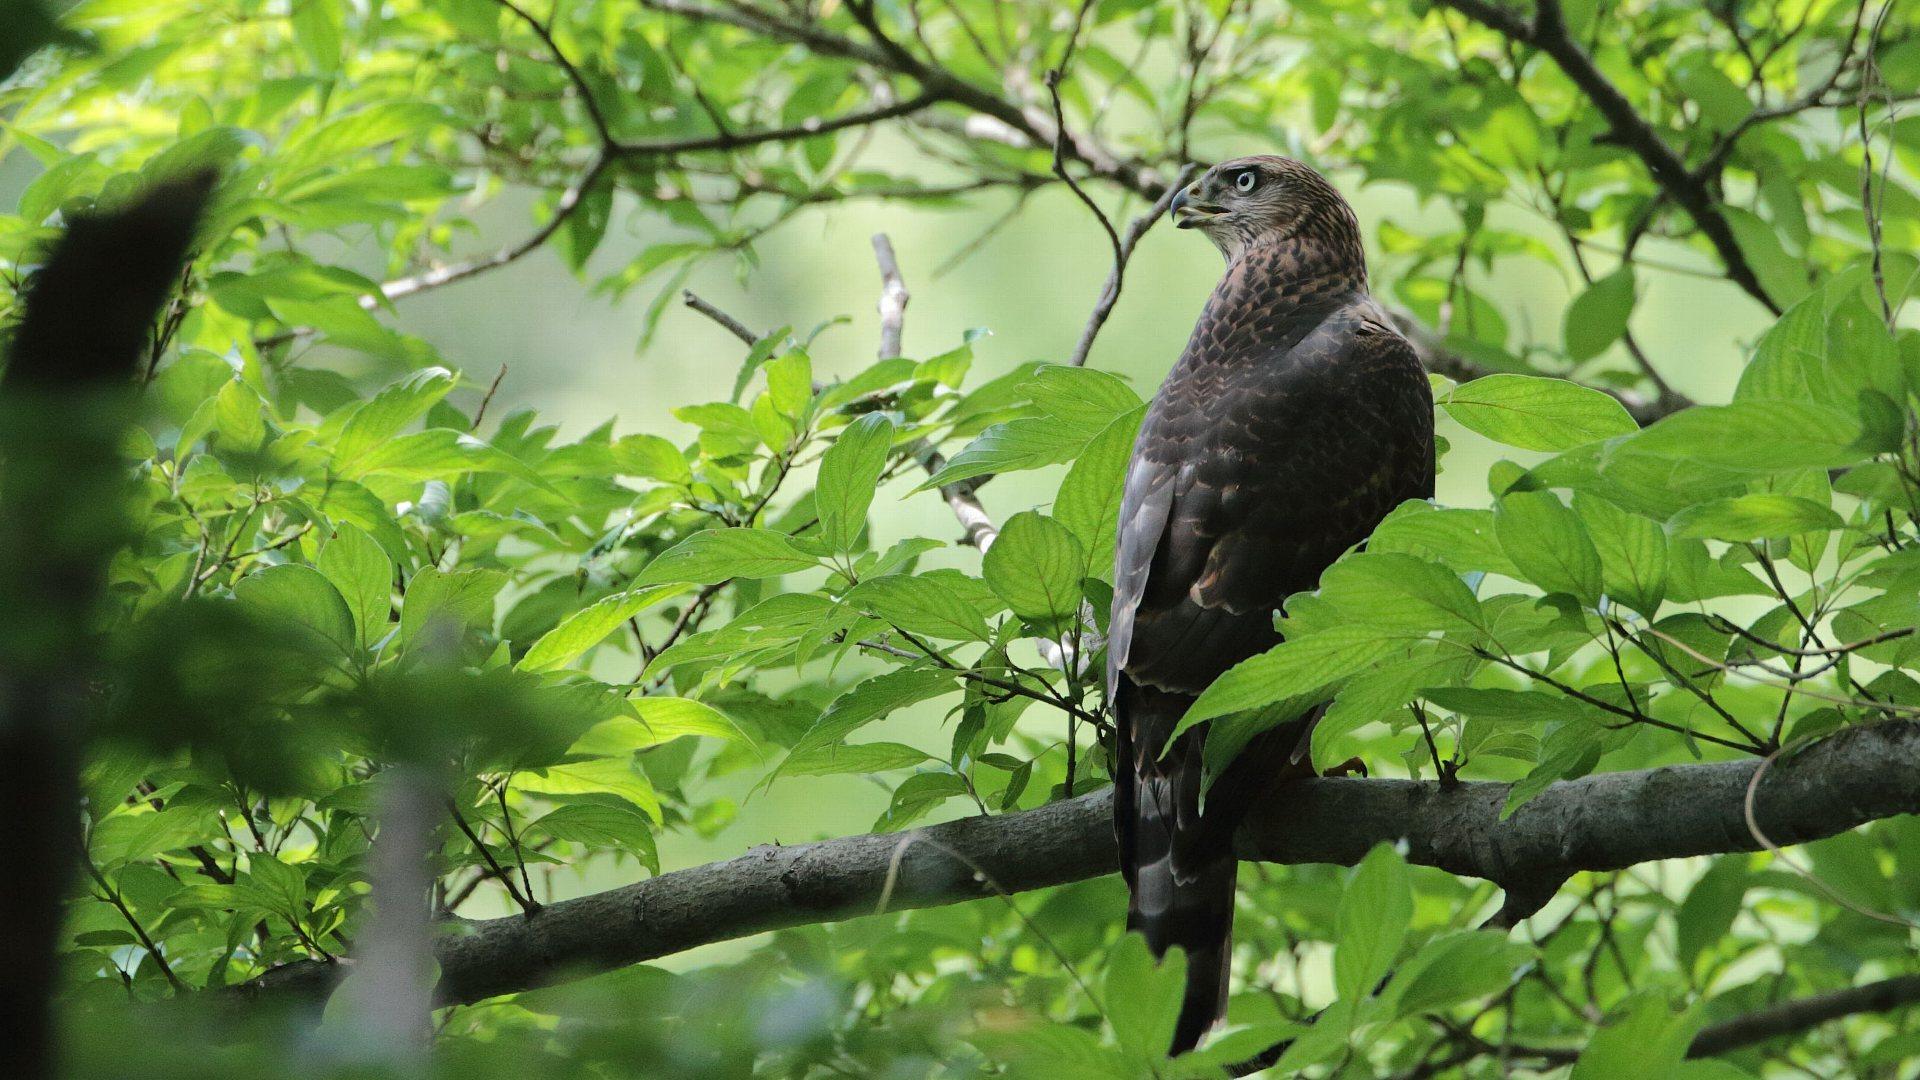 オオタカ幼鳥が緑の中に_f0105570_21010643.jpg